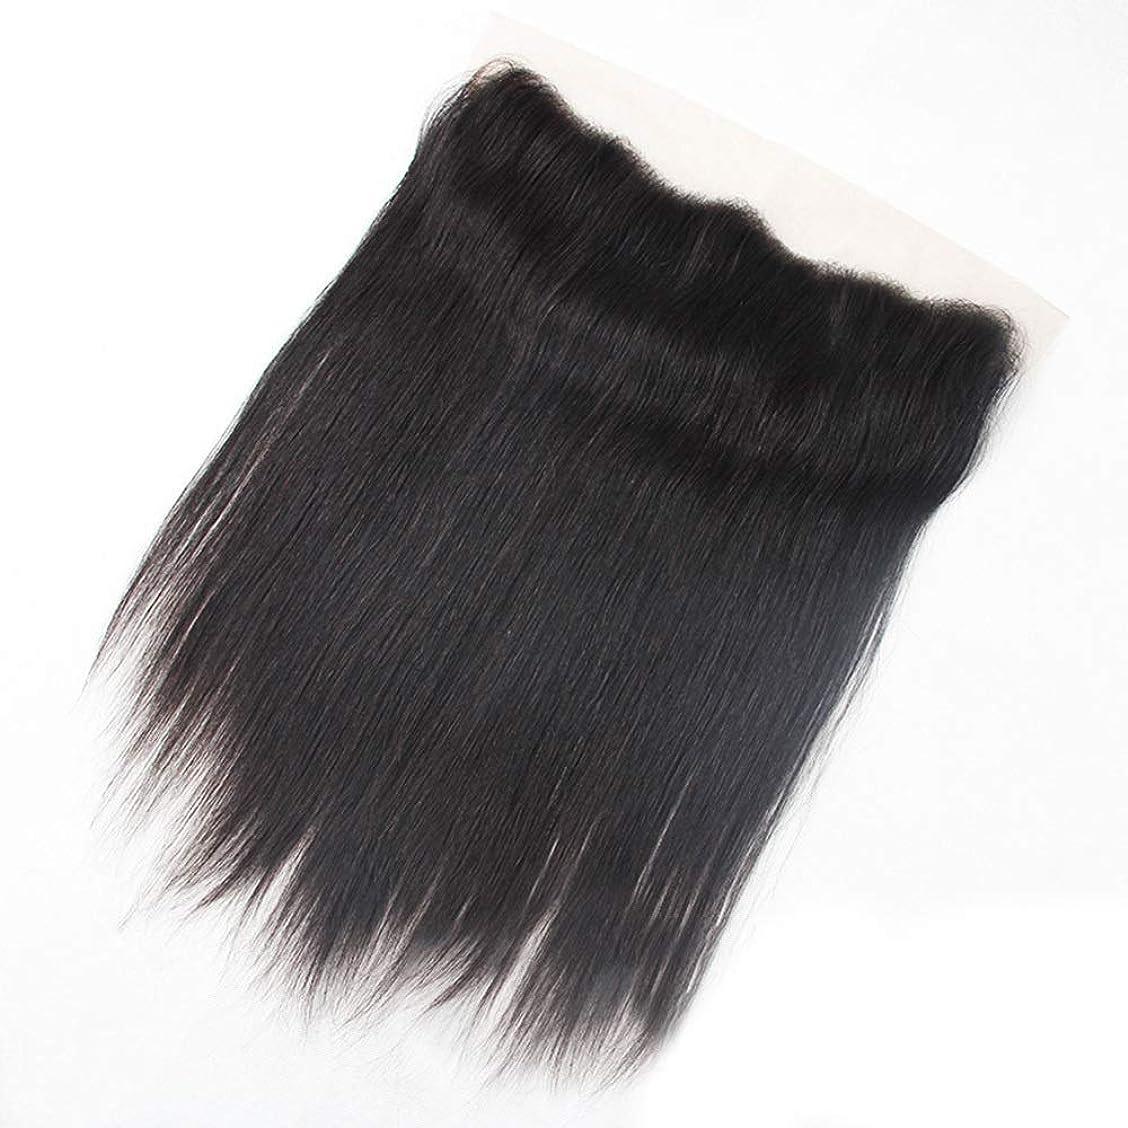 暗い銀行したいYESONEEP 女性の人間の髪の毛ストレート13x4レース前頭閉鎖ナチュラルカラー8インチ-20インチロングストレートヘアウィッグ (Color : ブラック, サイズ : 14 inch)